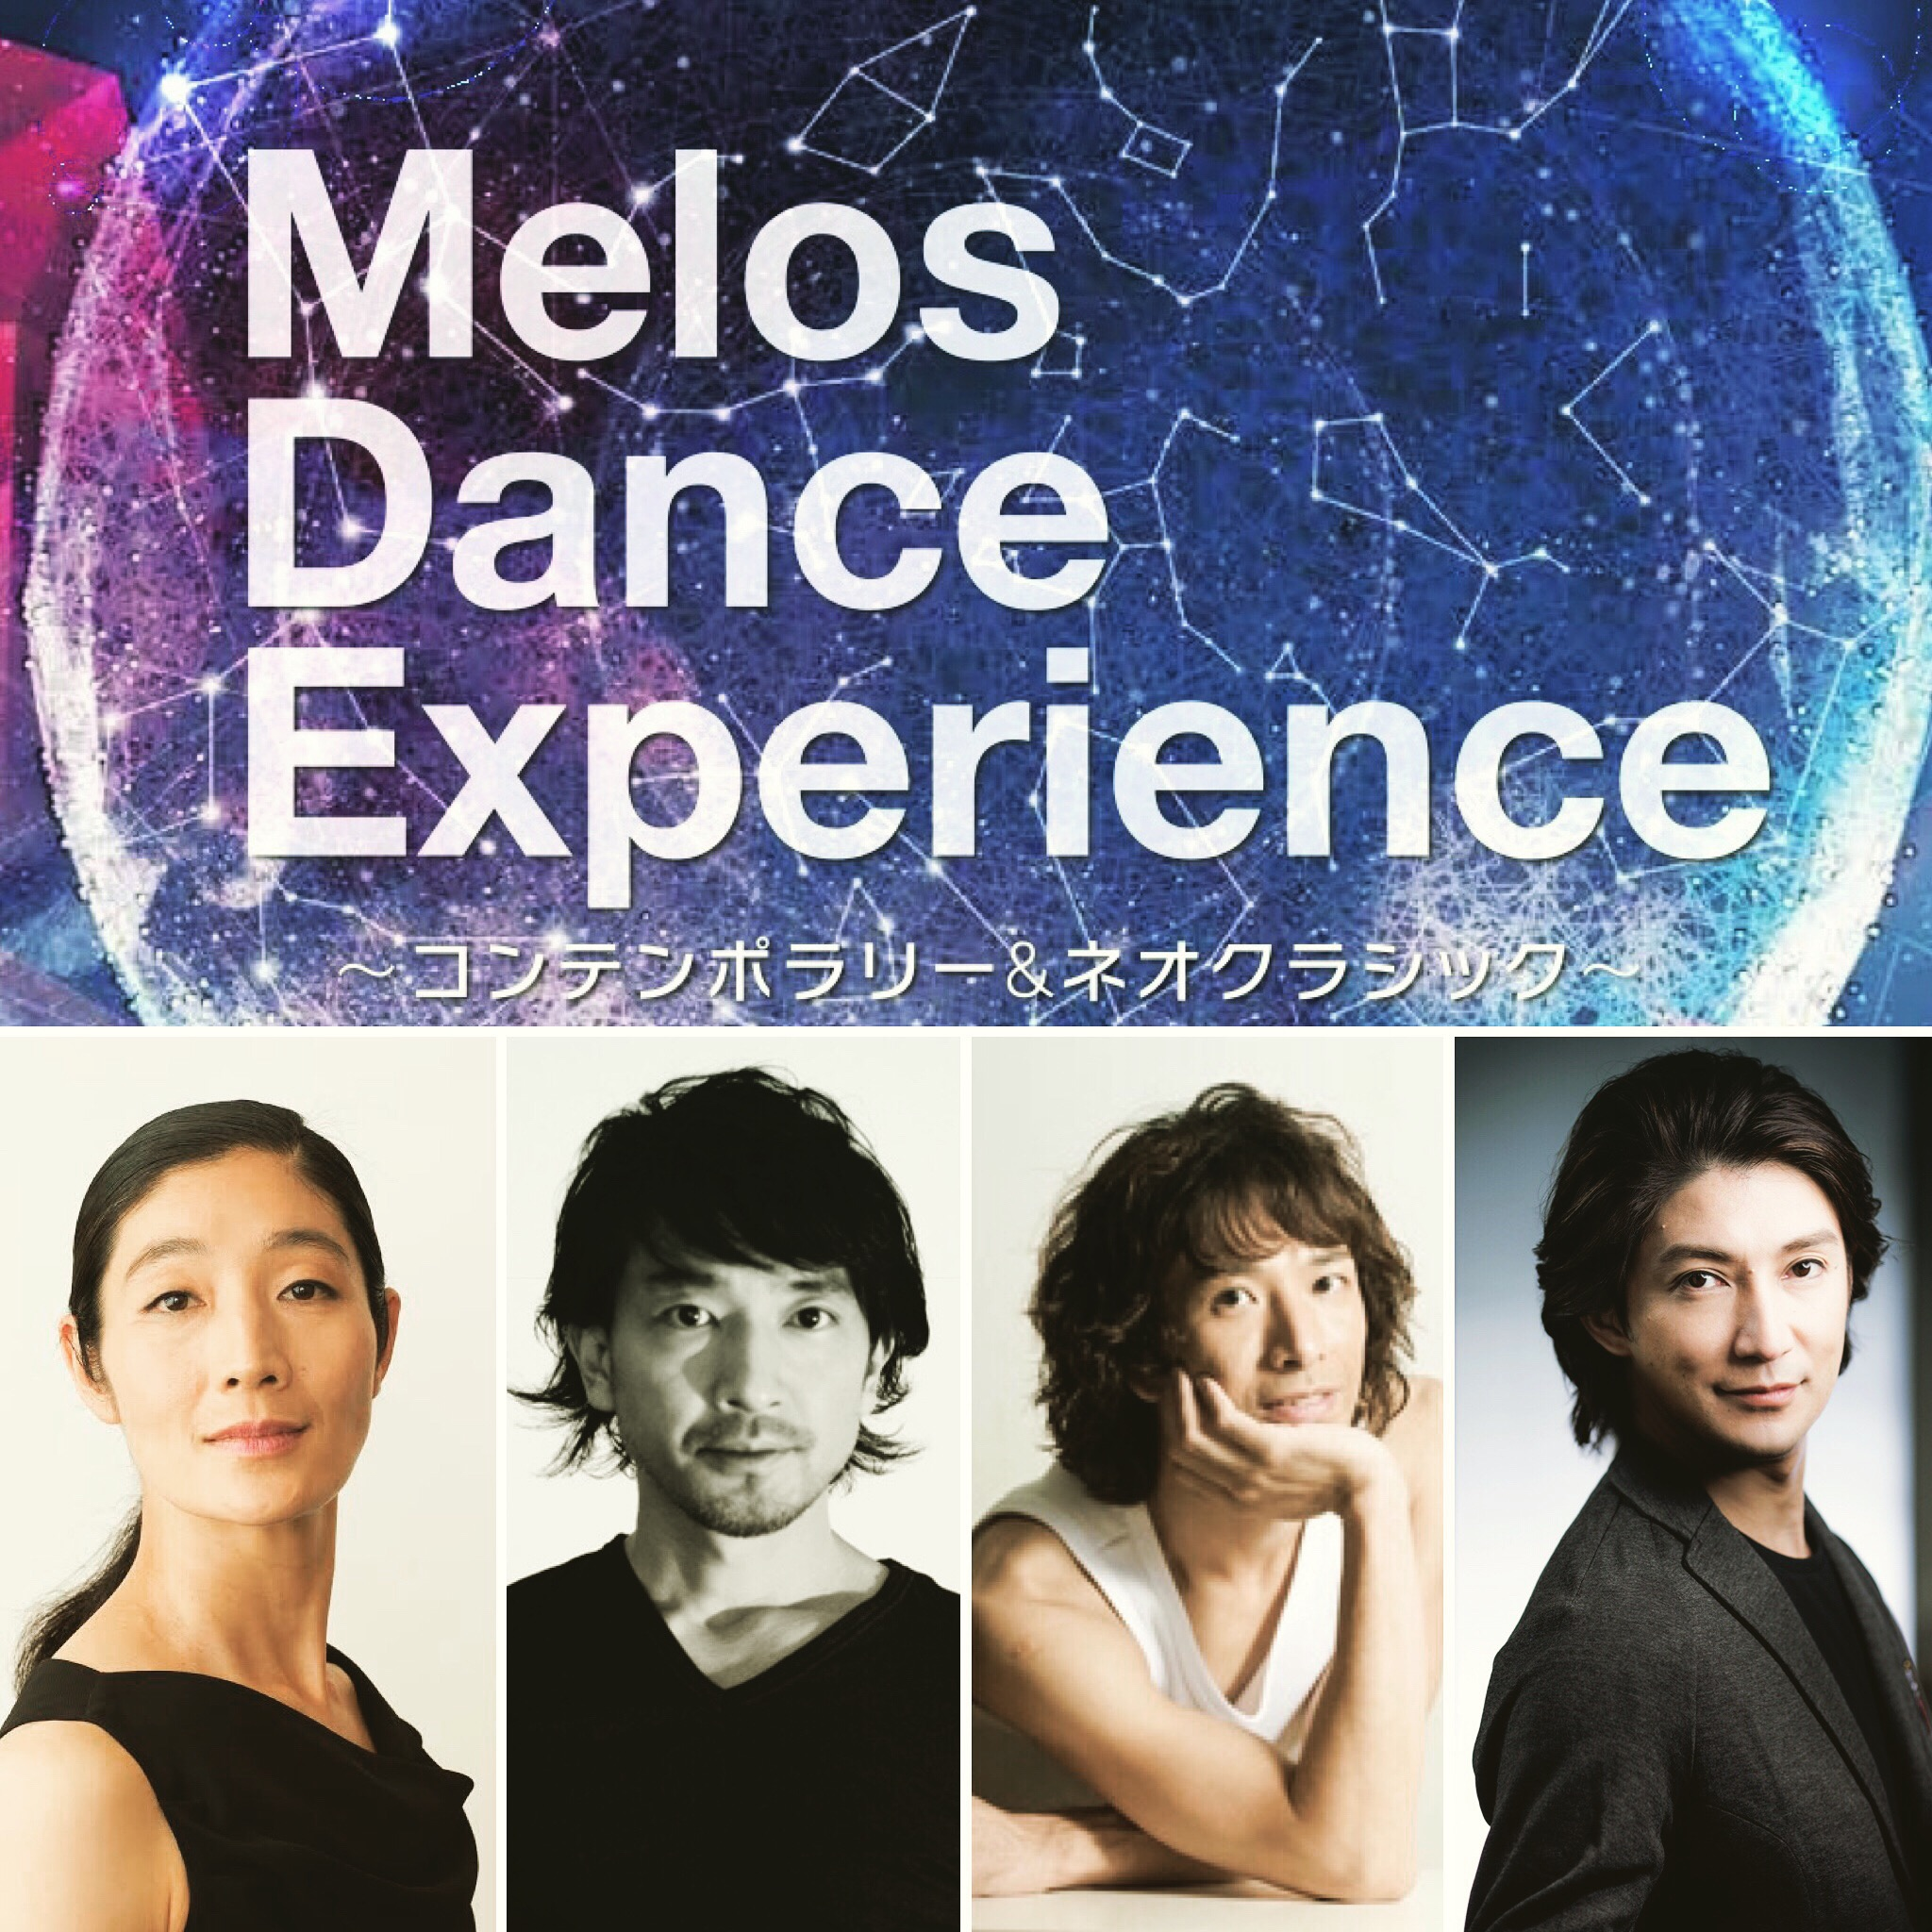 [オーディション] 第3回公演 出演ダンサー選考オーディション概要